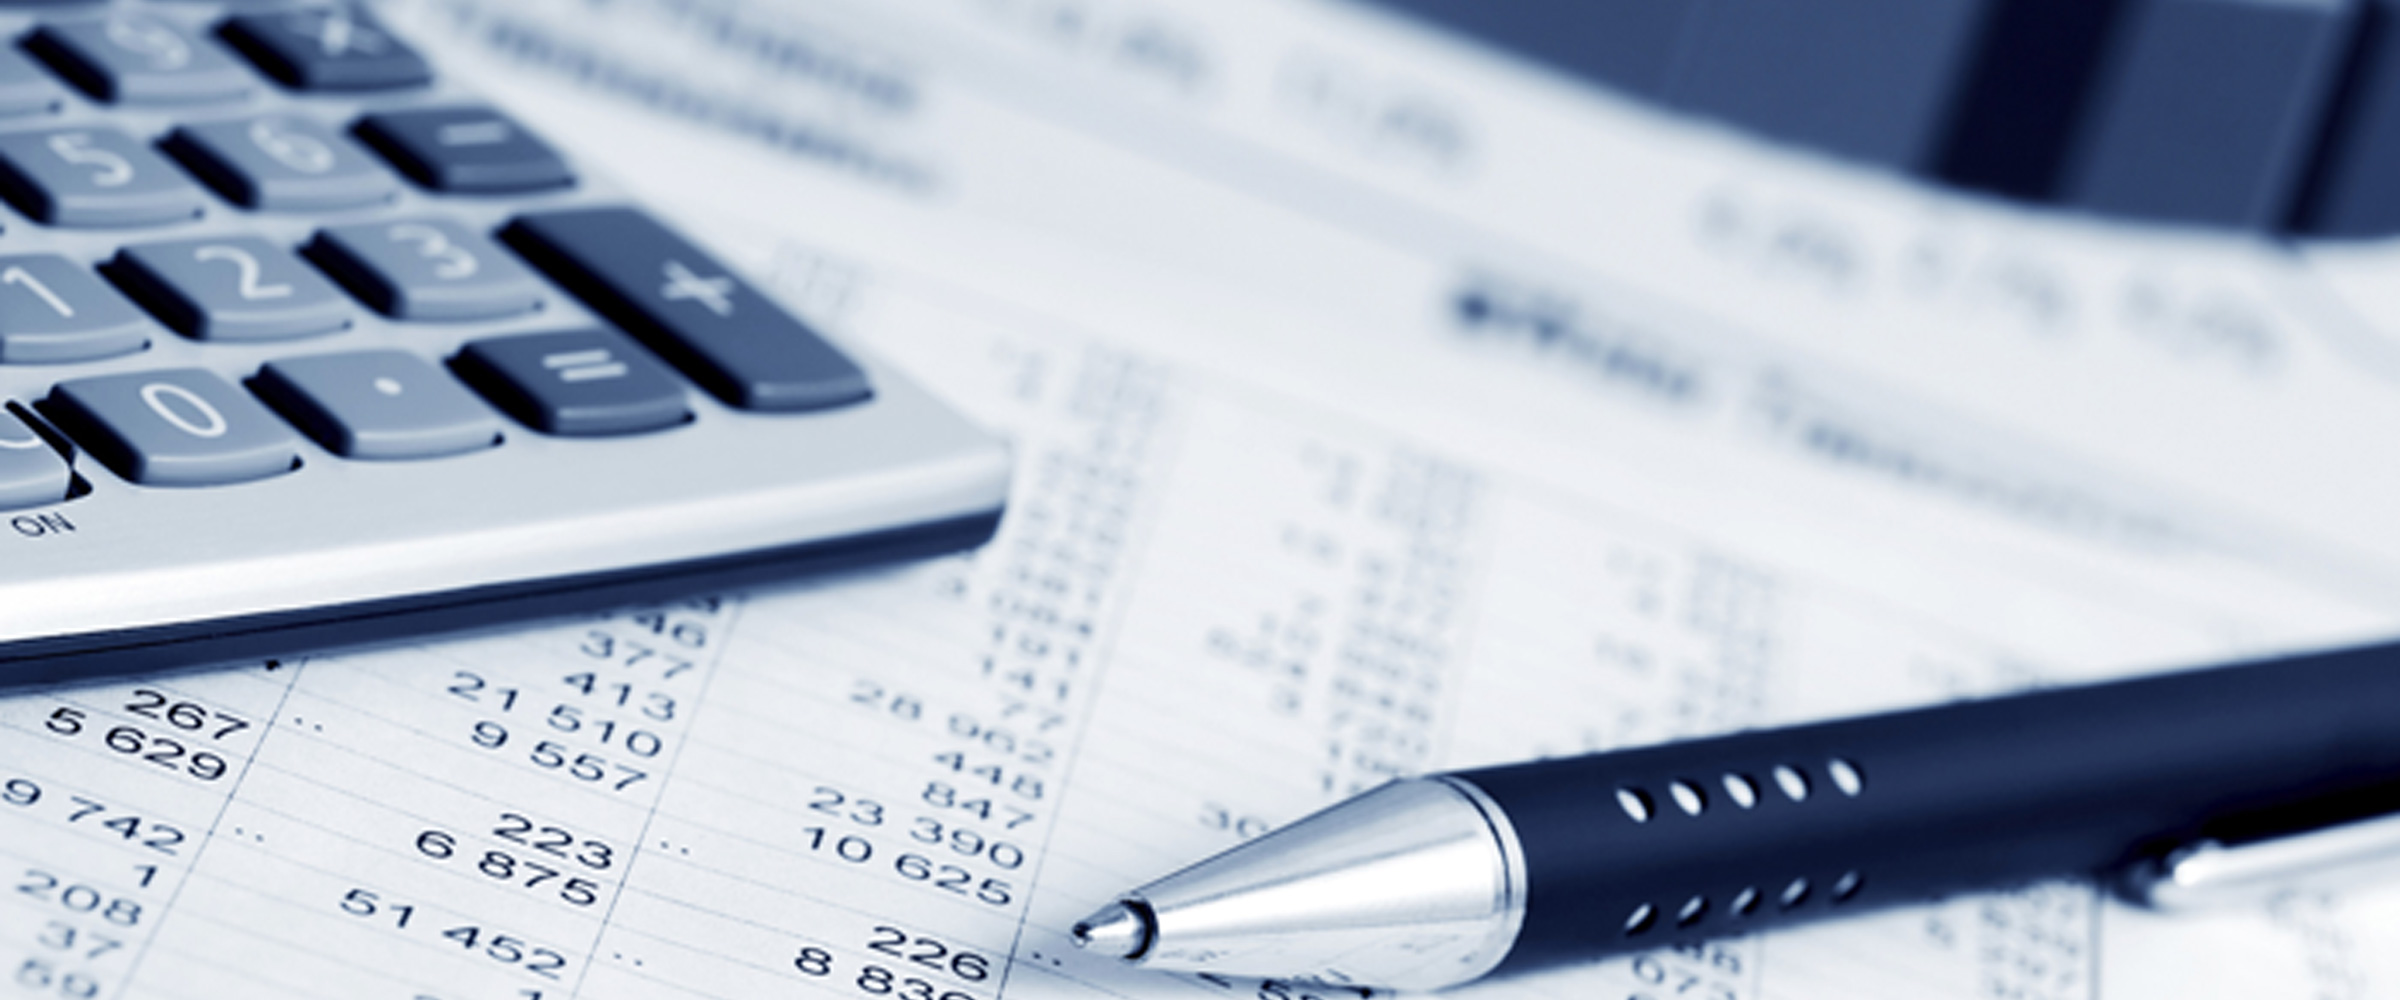 In Extenso - französischer Steuerberater und Wirtschaftsprüfer